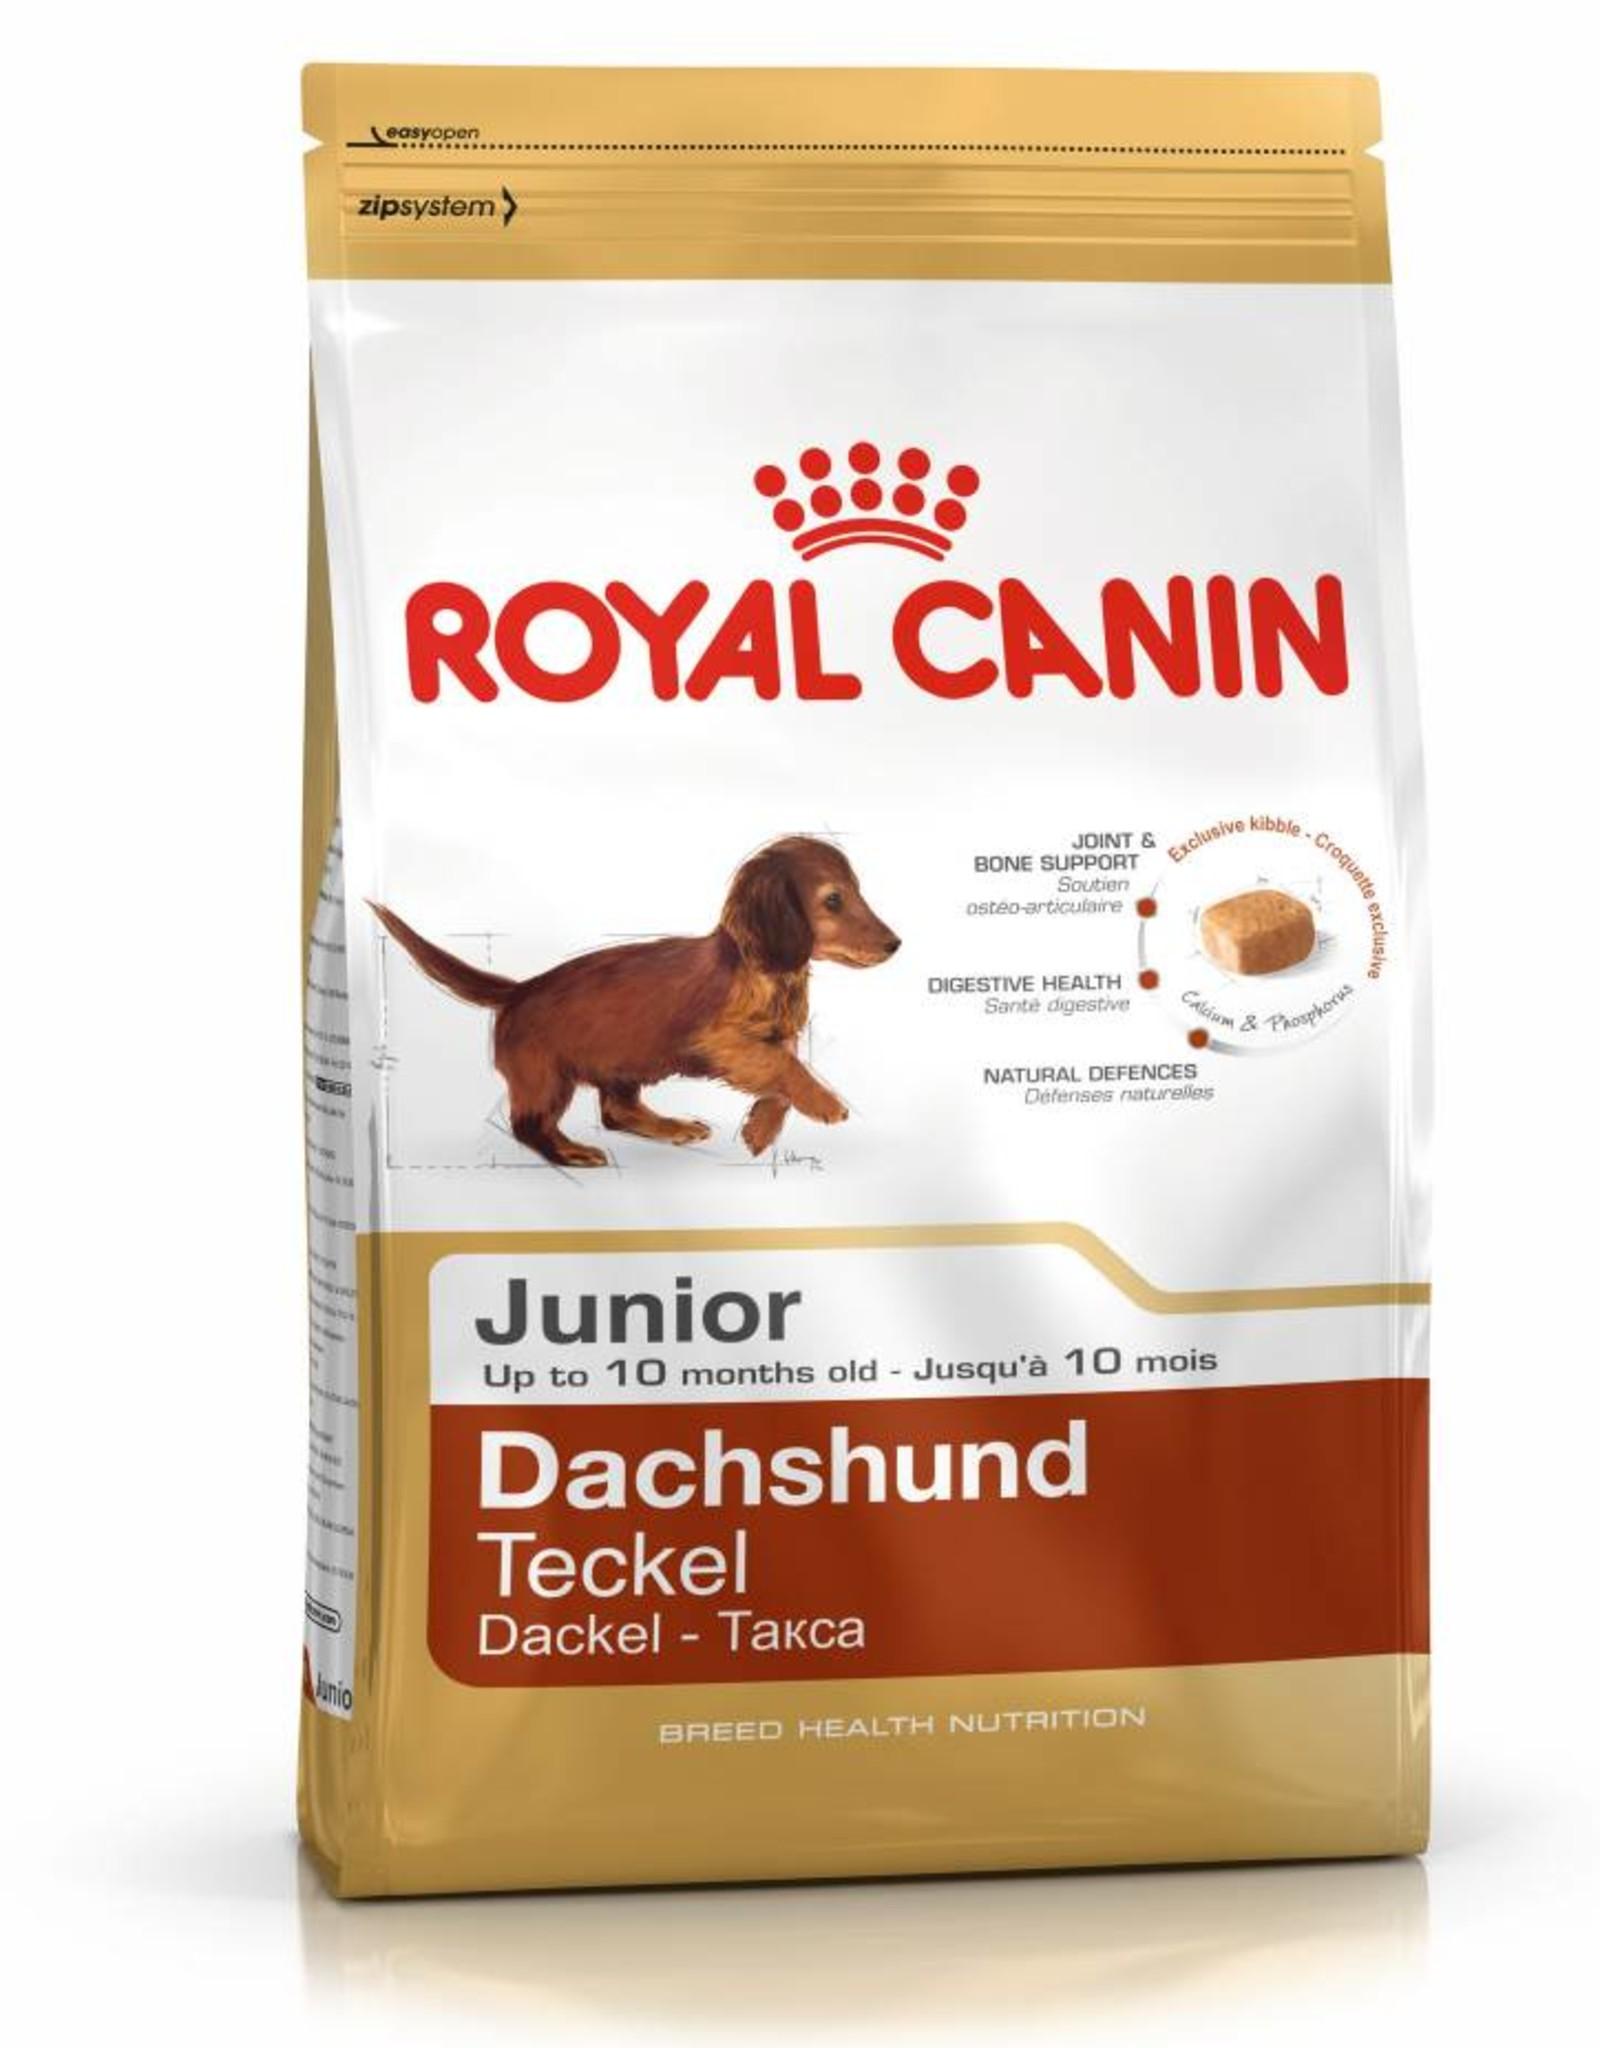 Royal Canin Dachshund Junior Dog Food 1.5kg